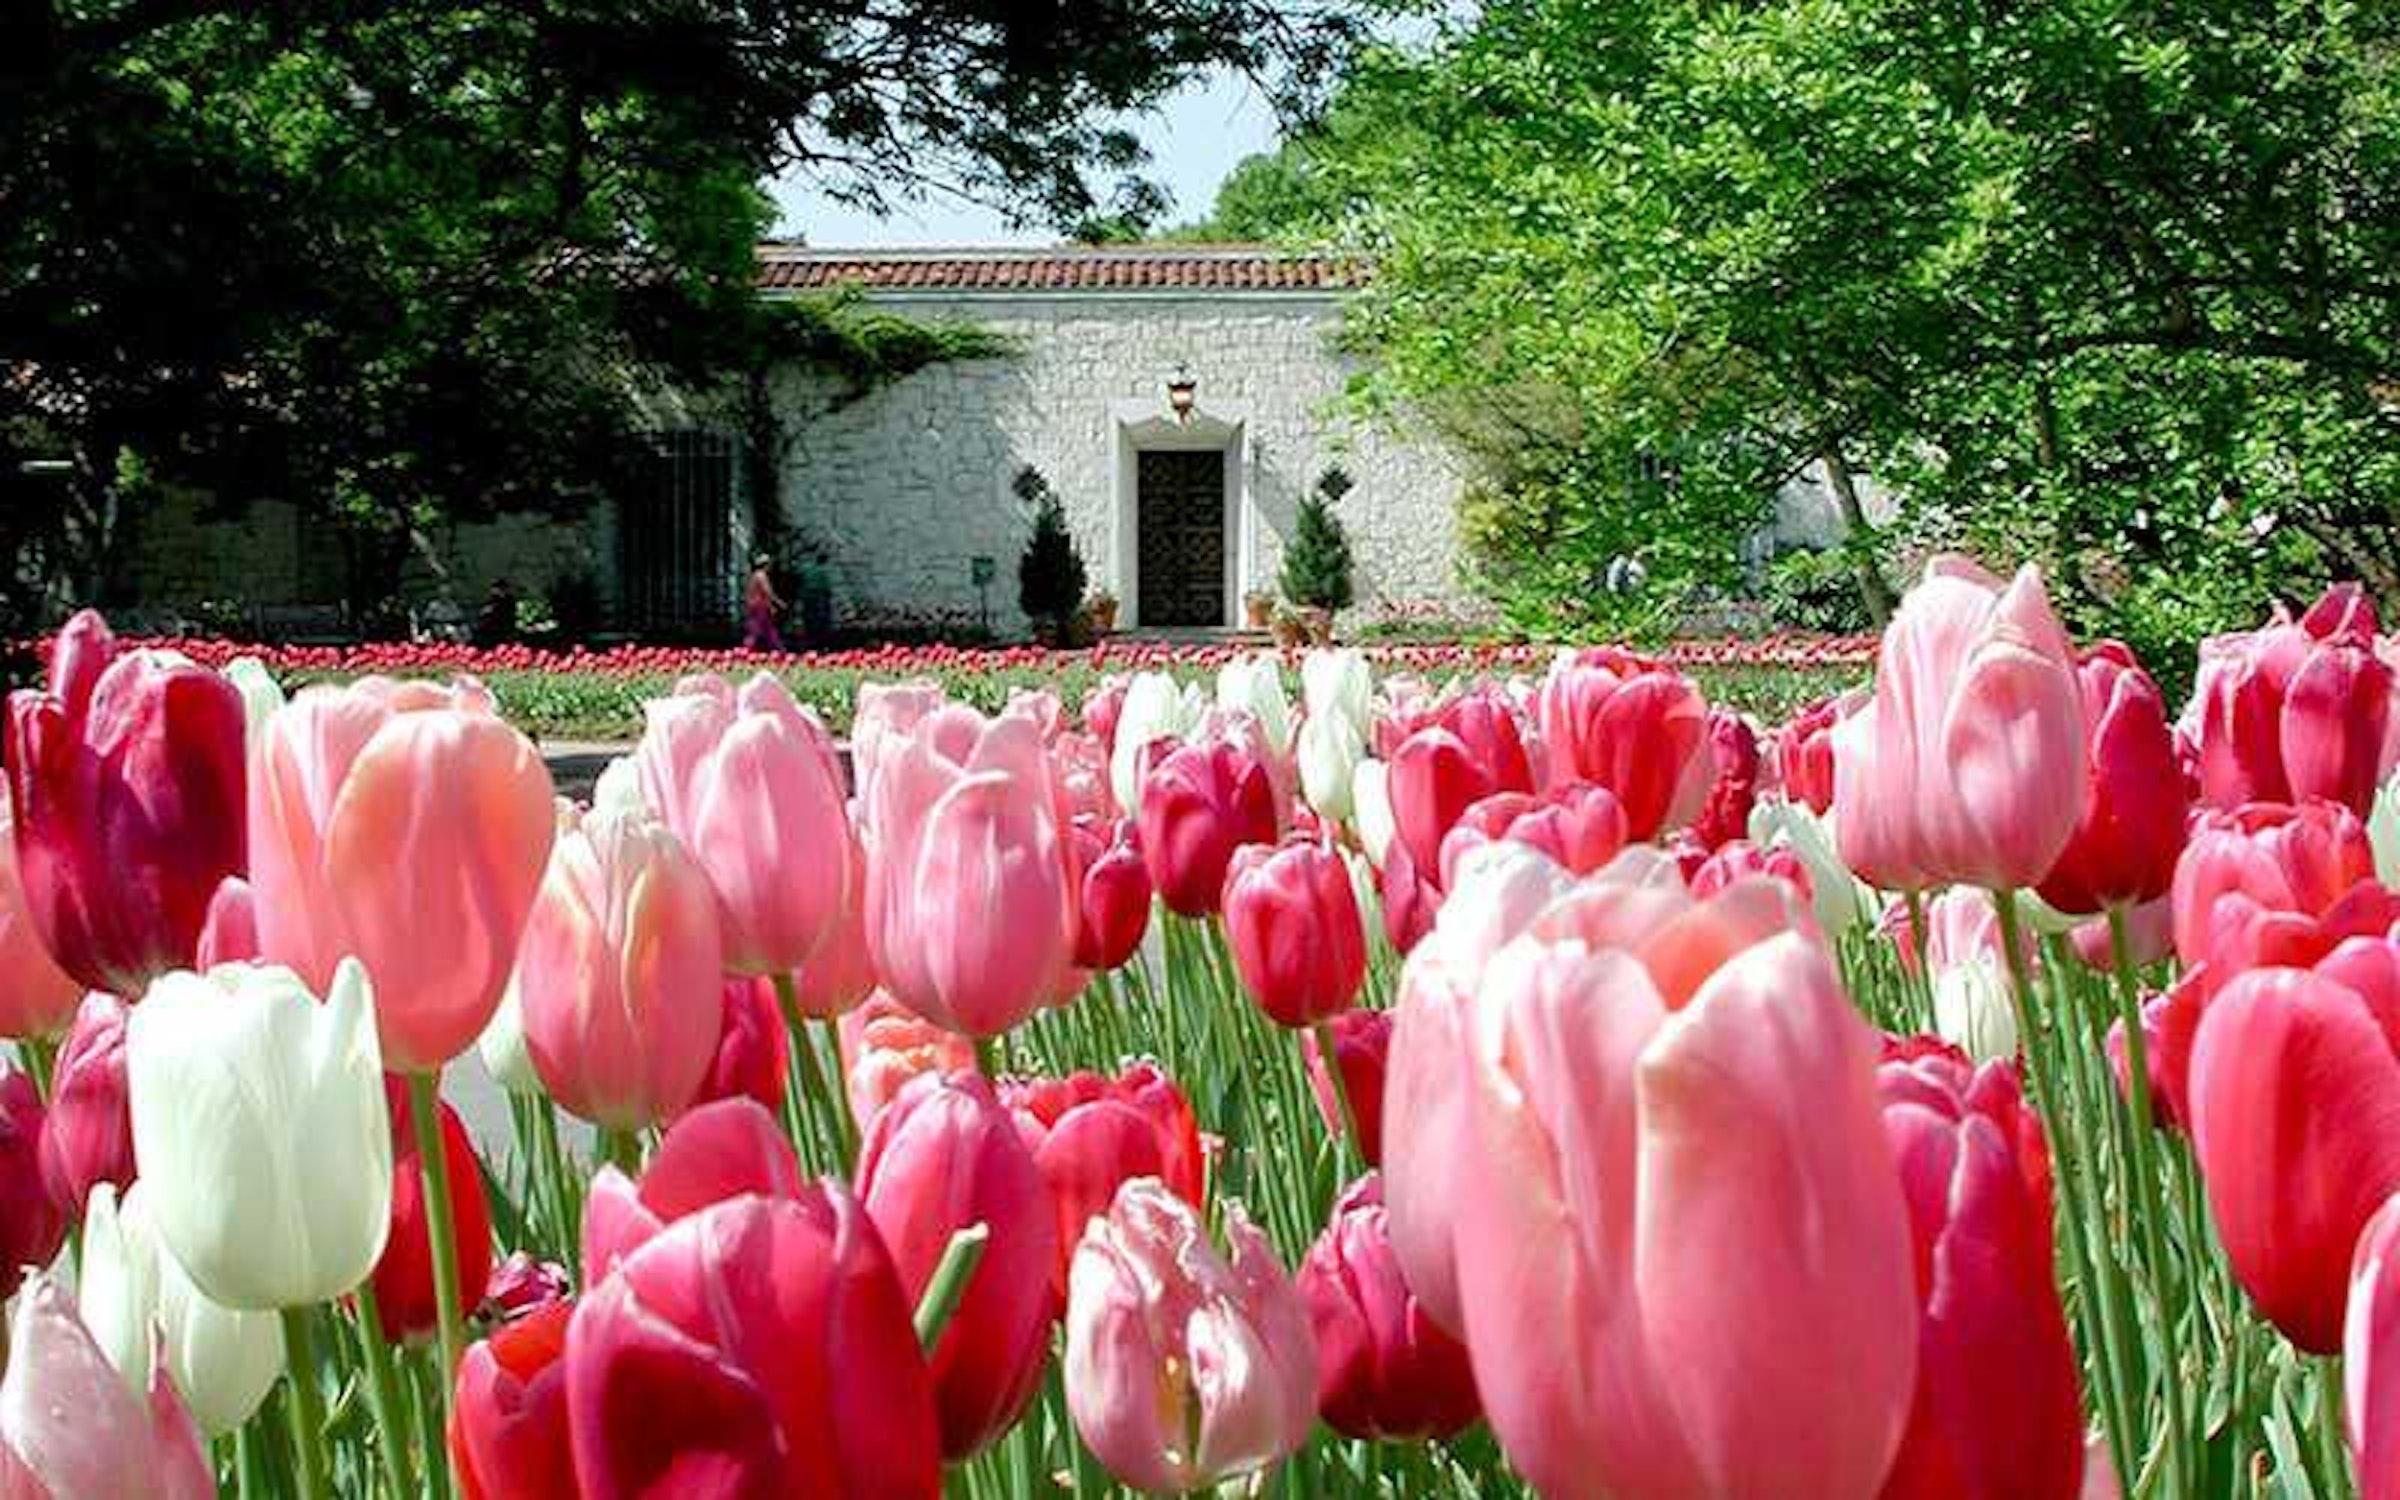 Image result for dallas arboretum america the beautiful